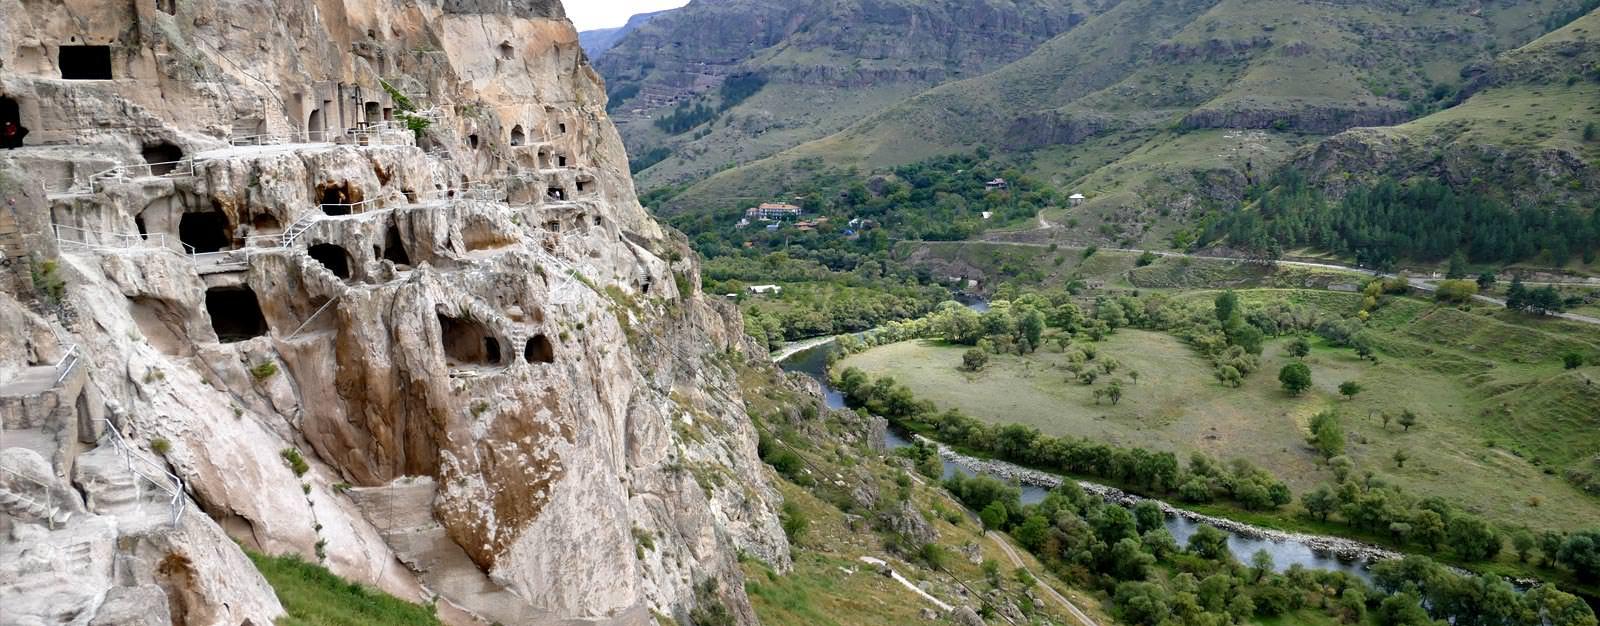 גאורגיה -עיר המערות וארדזיה